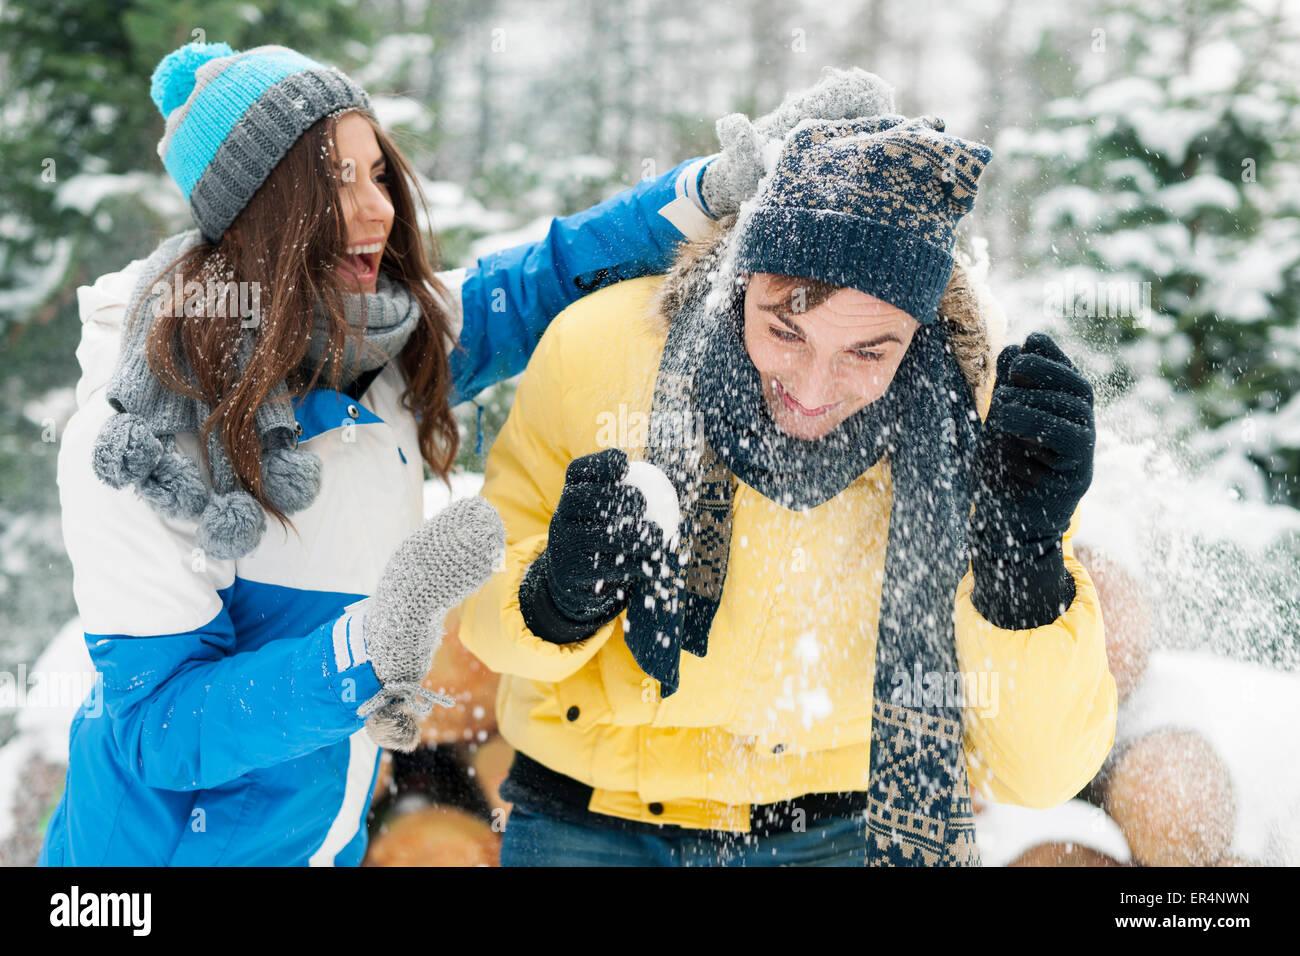 Jeune couple s'amuser pendant la bataille de boules. Debica, Pologne Photo Stock